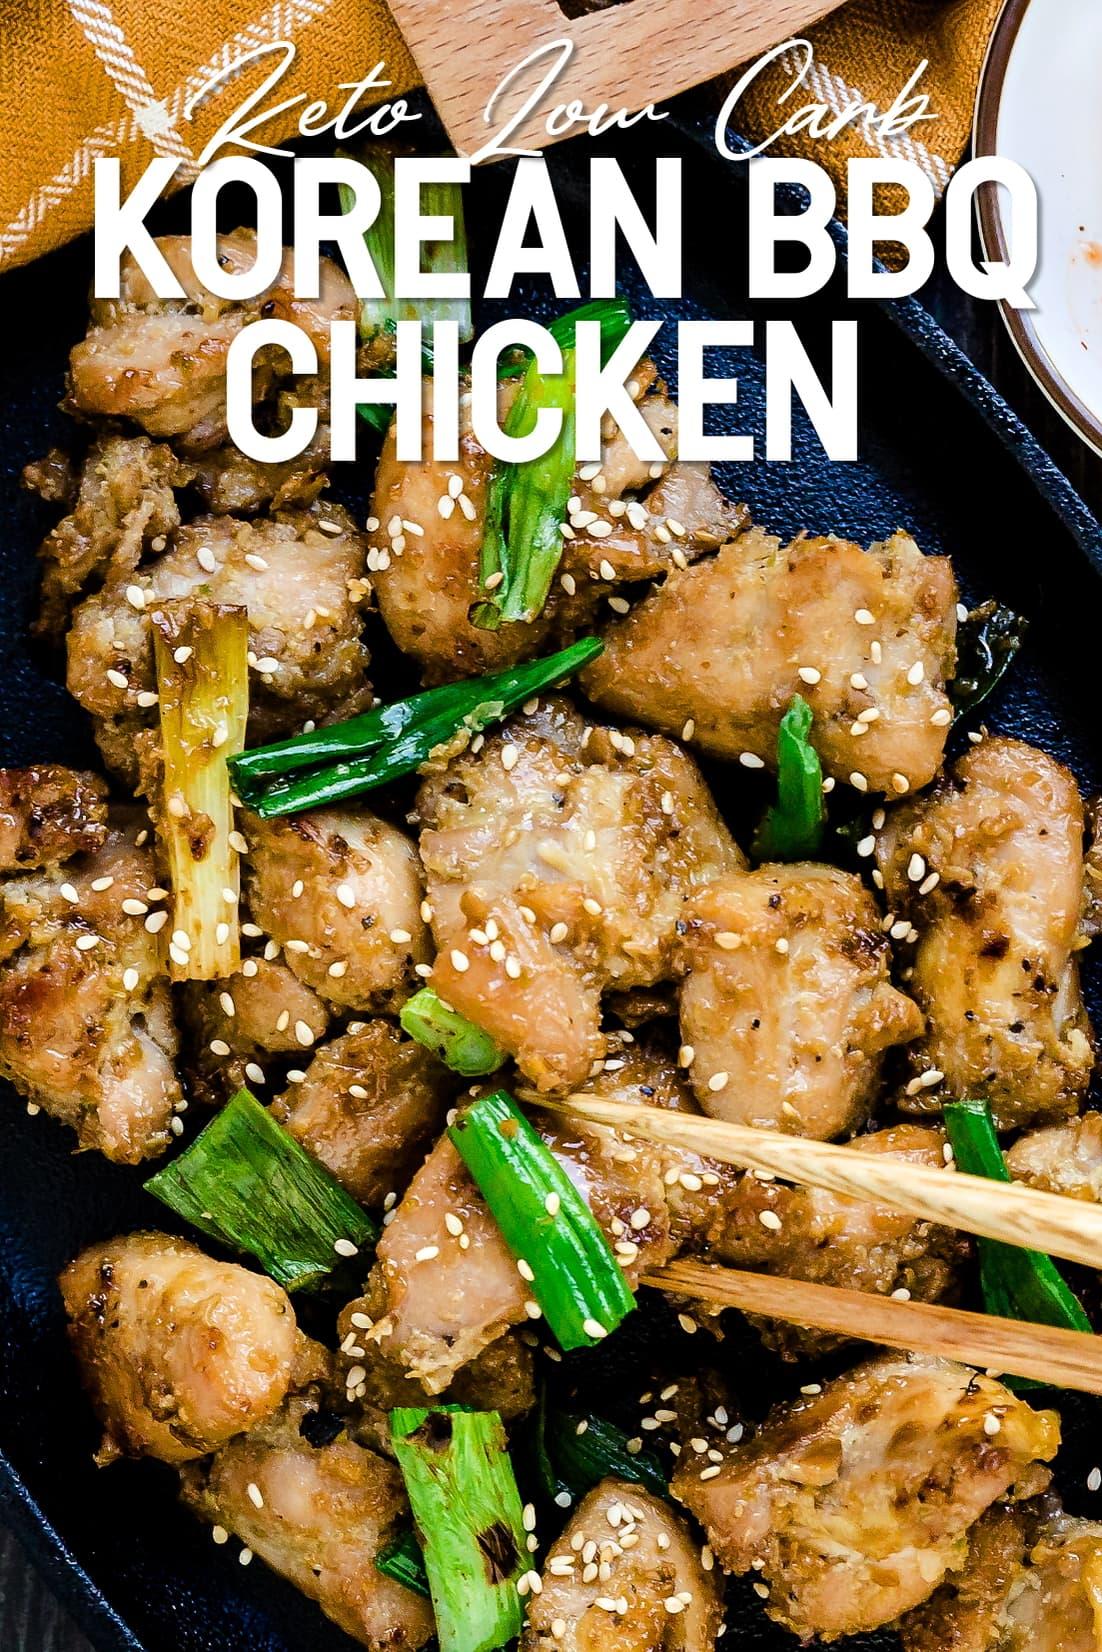 Keto Korean BBQ chicken being picked up by chopsticks